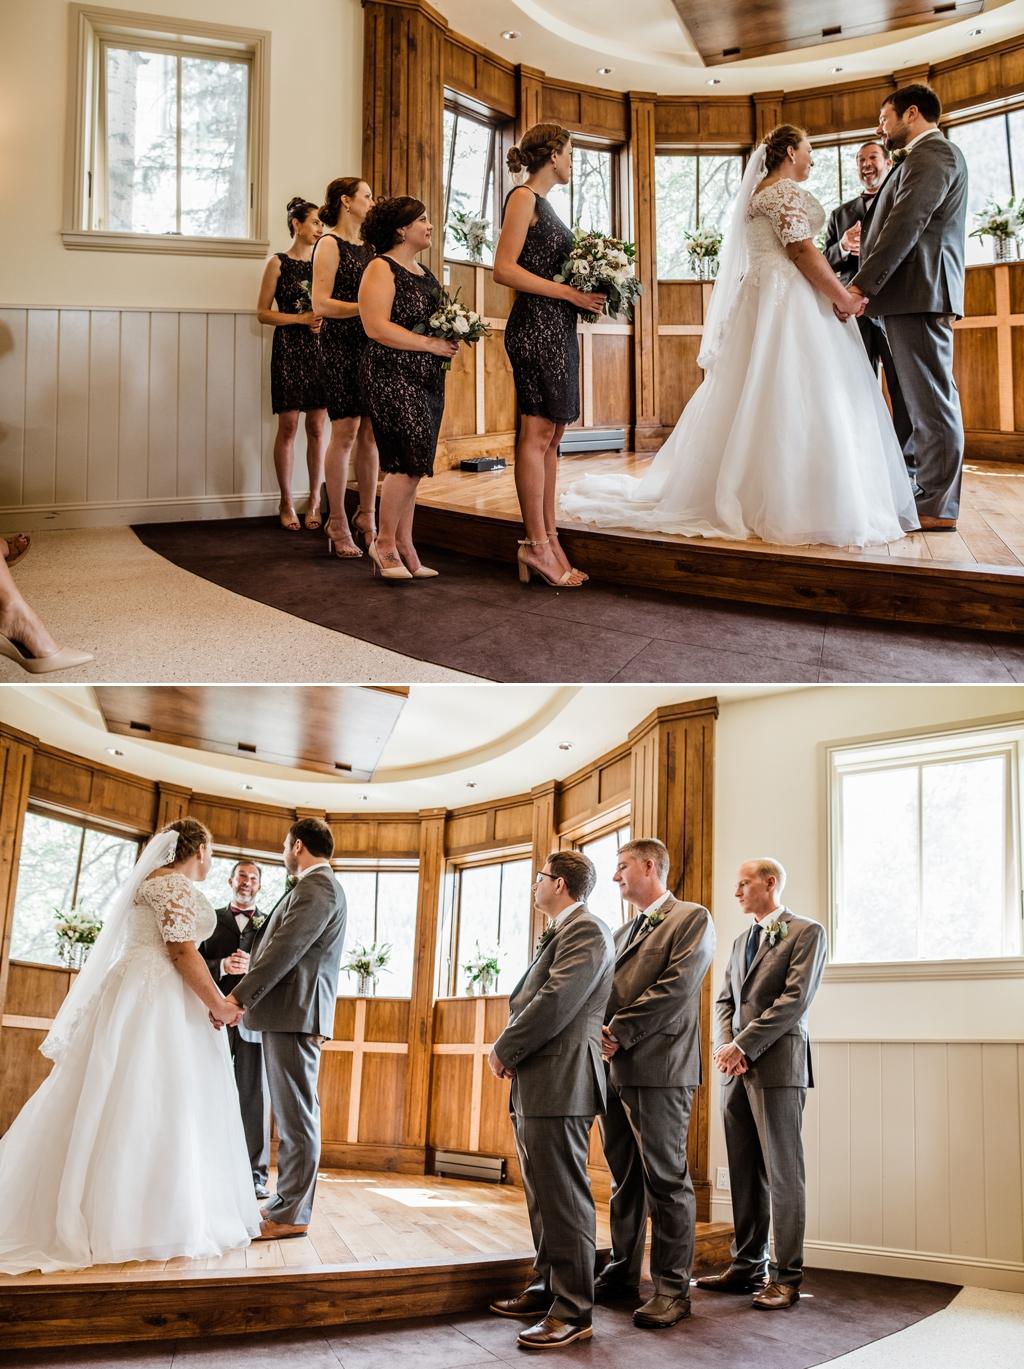 wedding2 2.jpg